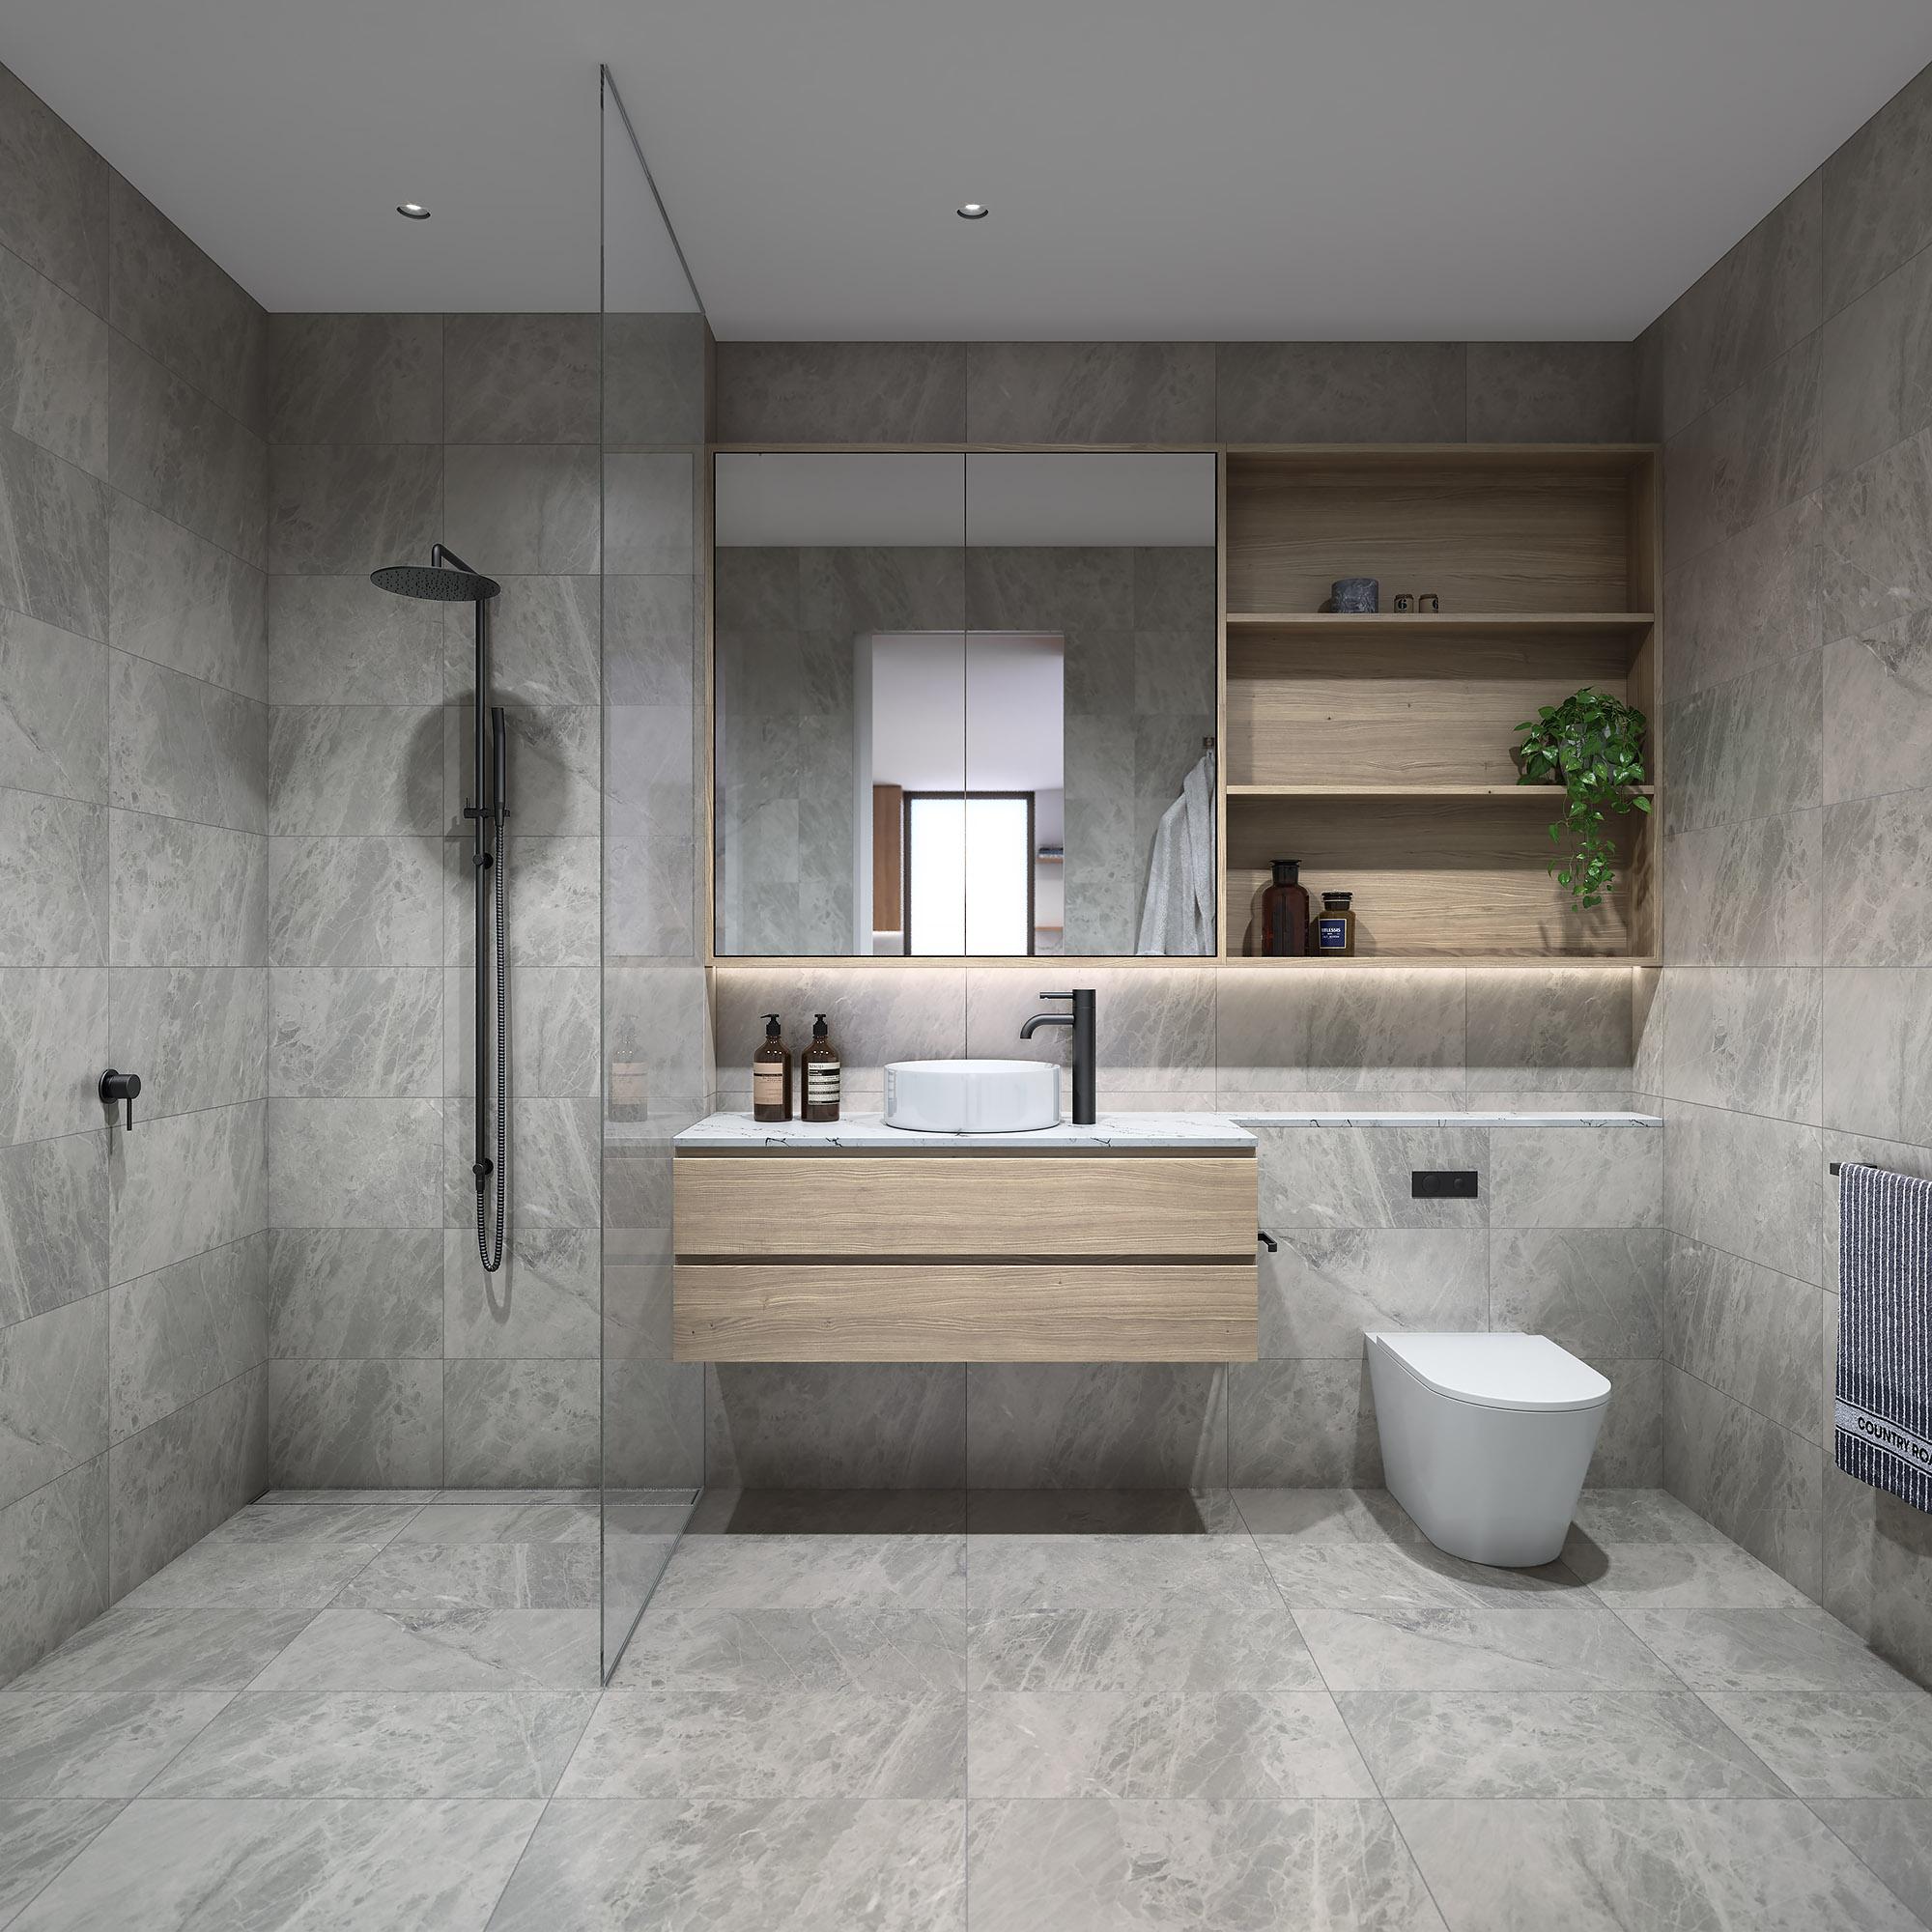 2110_INT_Bathroom_Concept1_D_(web)